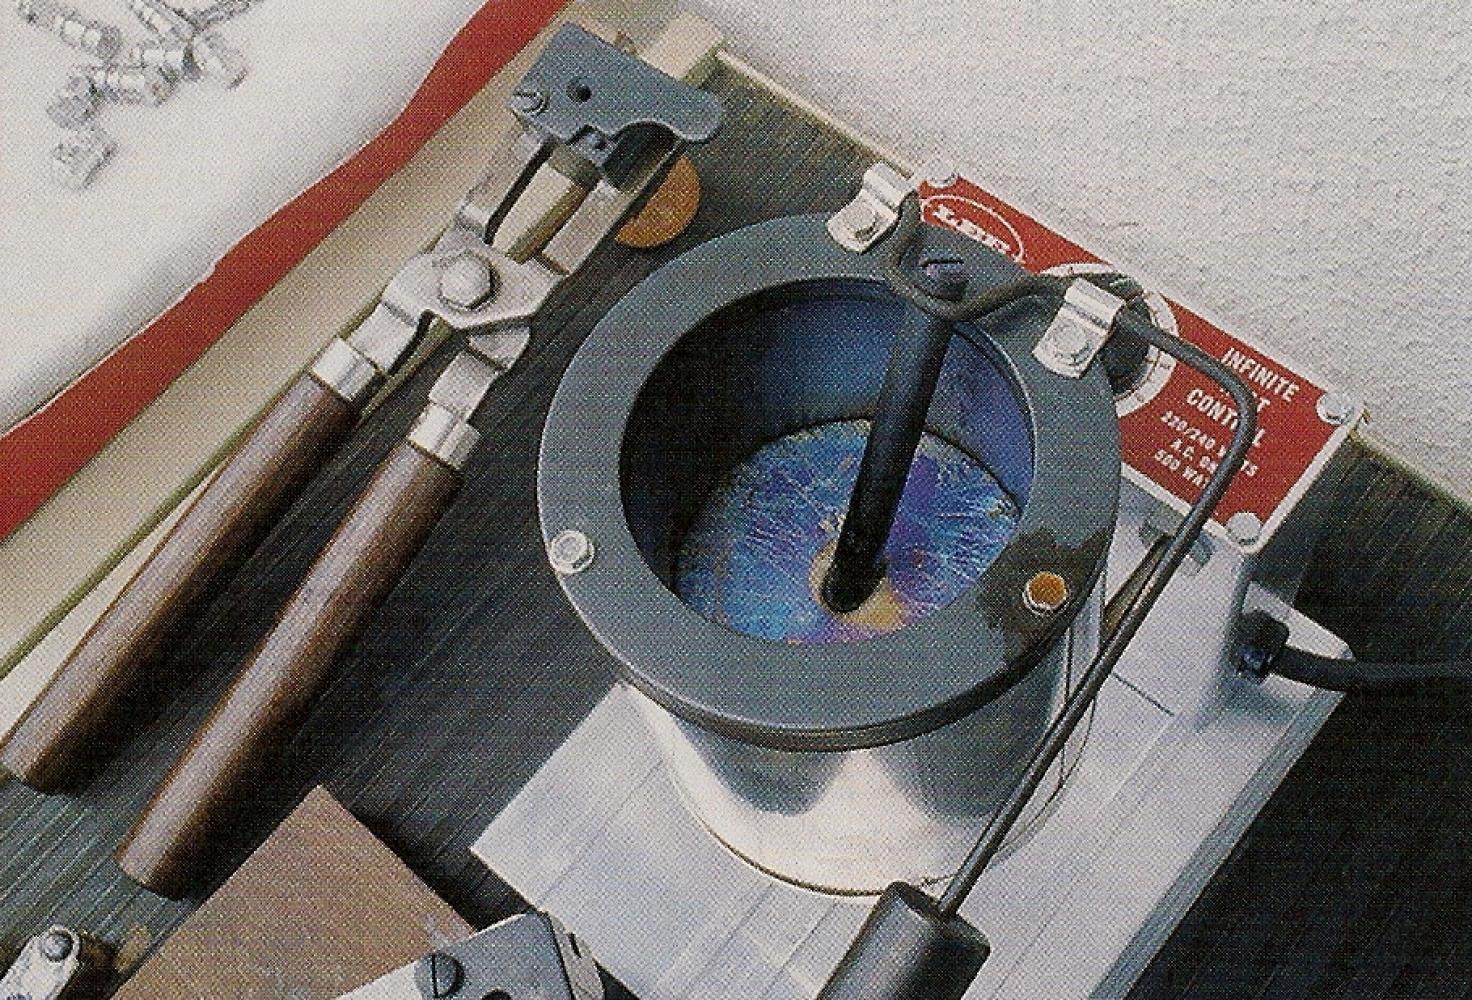 En chauffant, le plomb prend une couleur irisée au contact de l'air et s'oxyde. Les impuretés et les scories montent en surface et ne perturbent pas la coulée, le plomb étant prélevé au fond du creuset.